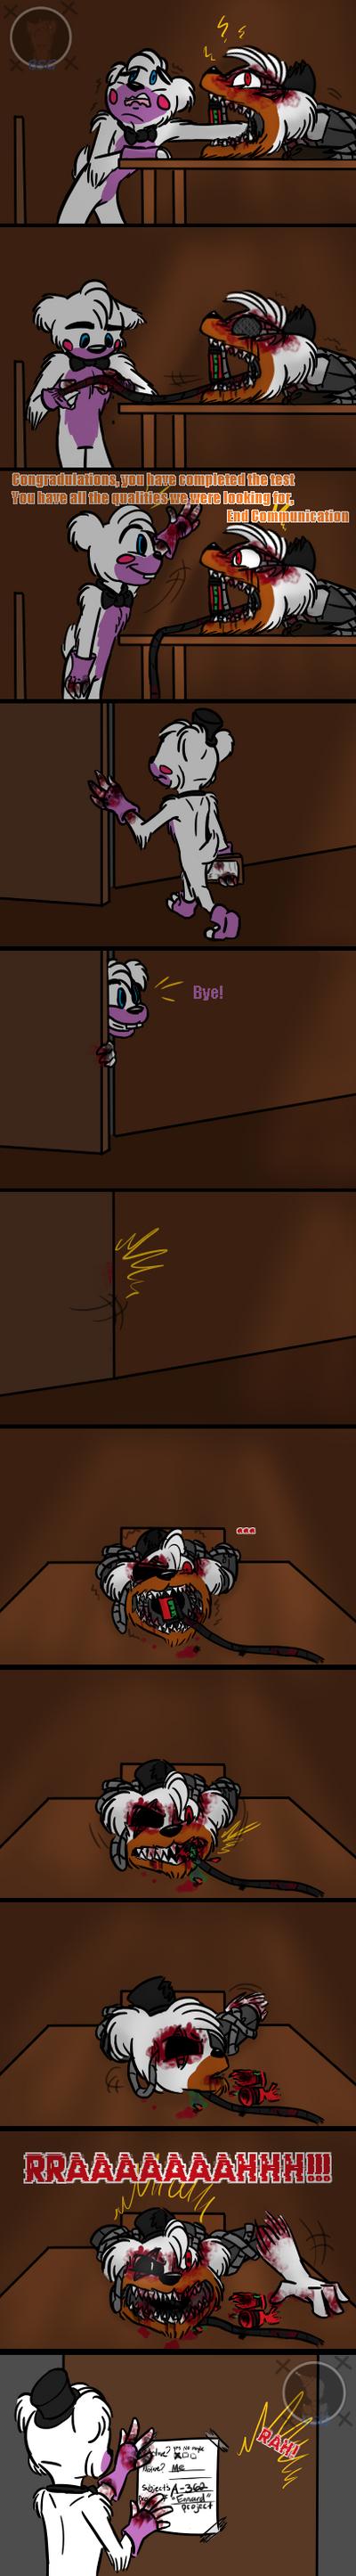 Interrogation (FNAF 6 Comic) Pt.4 by Blustreakgirl